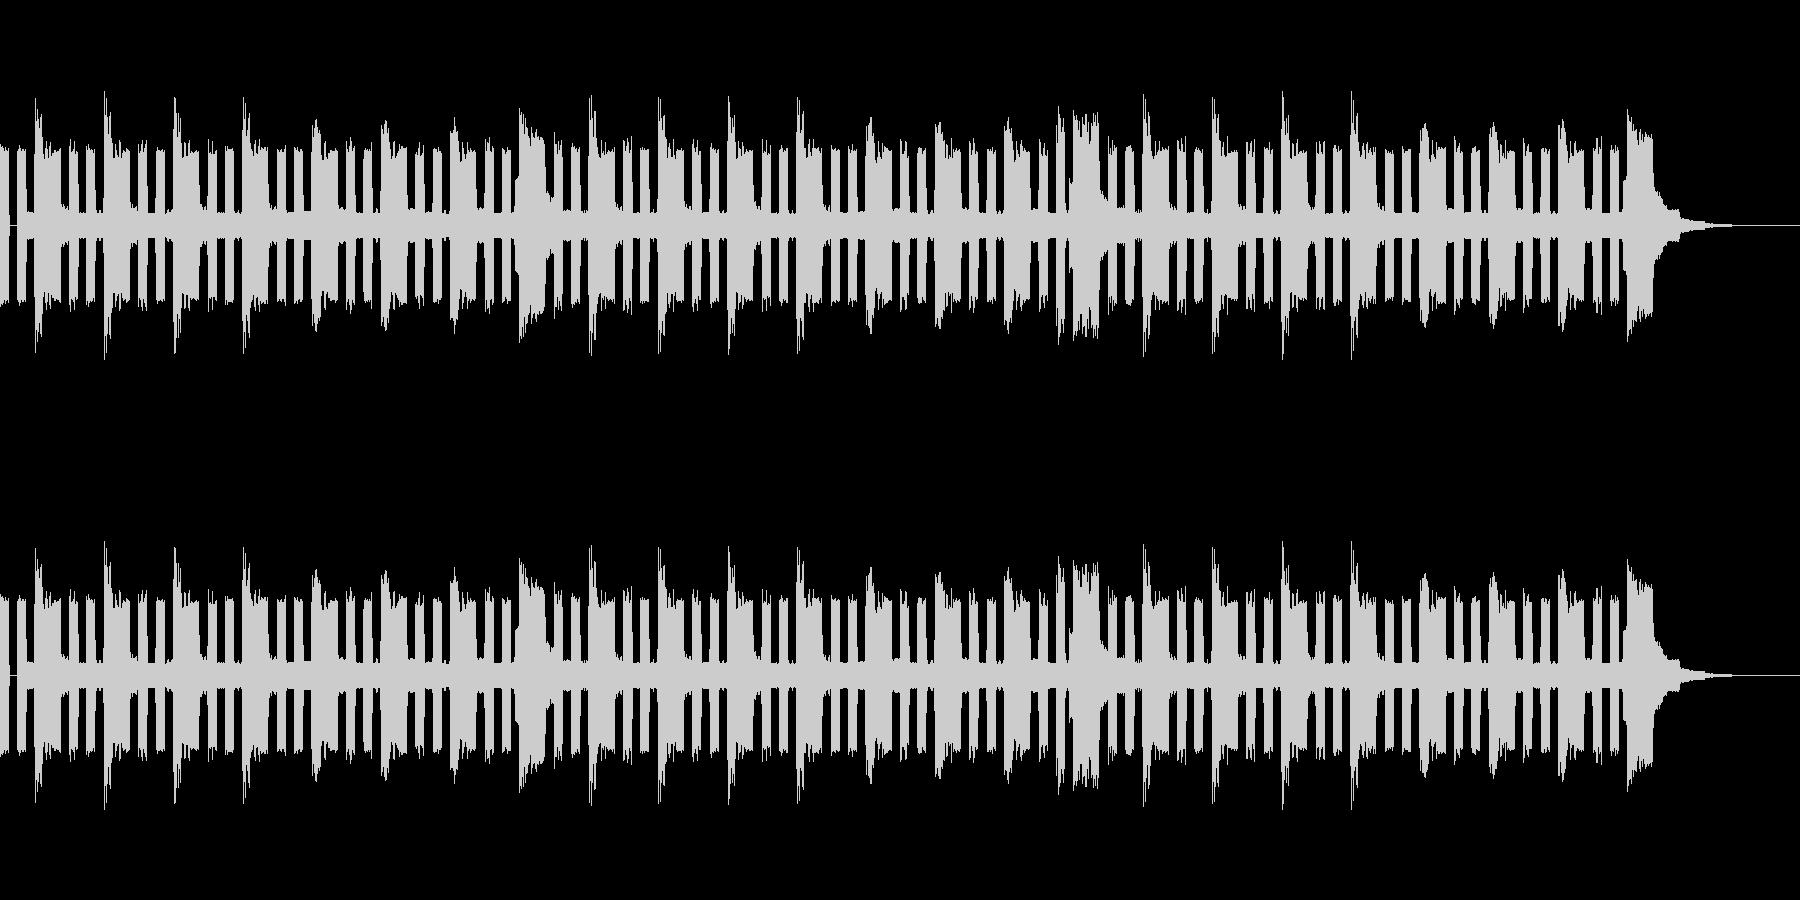 チップチューン風ループ(エコー付き)の未再生の波形